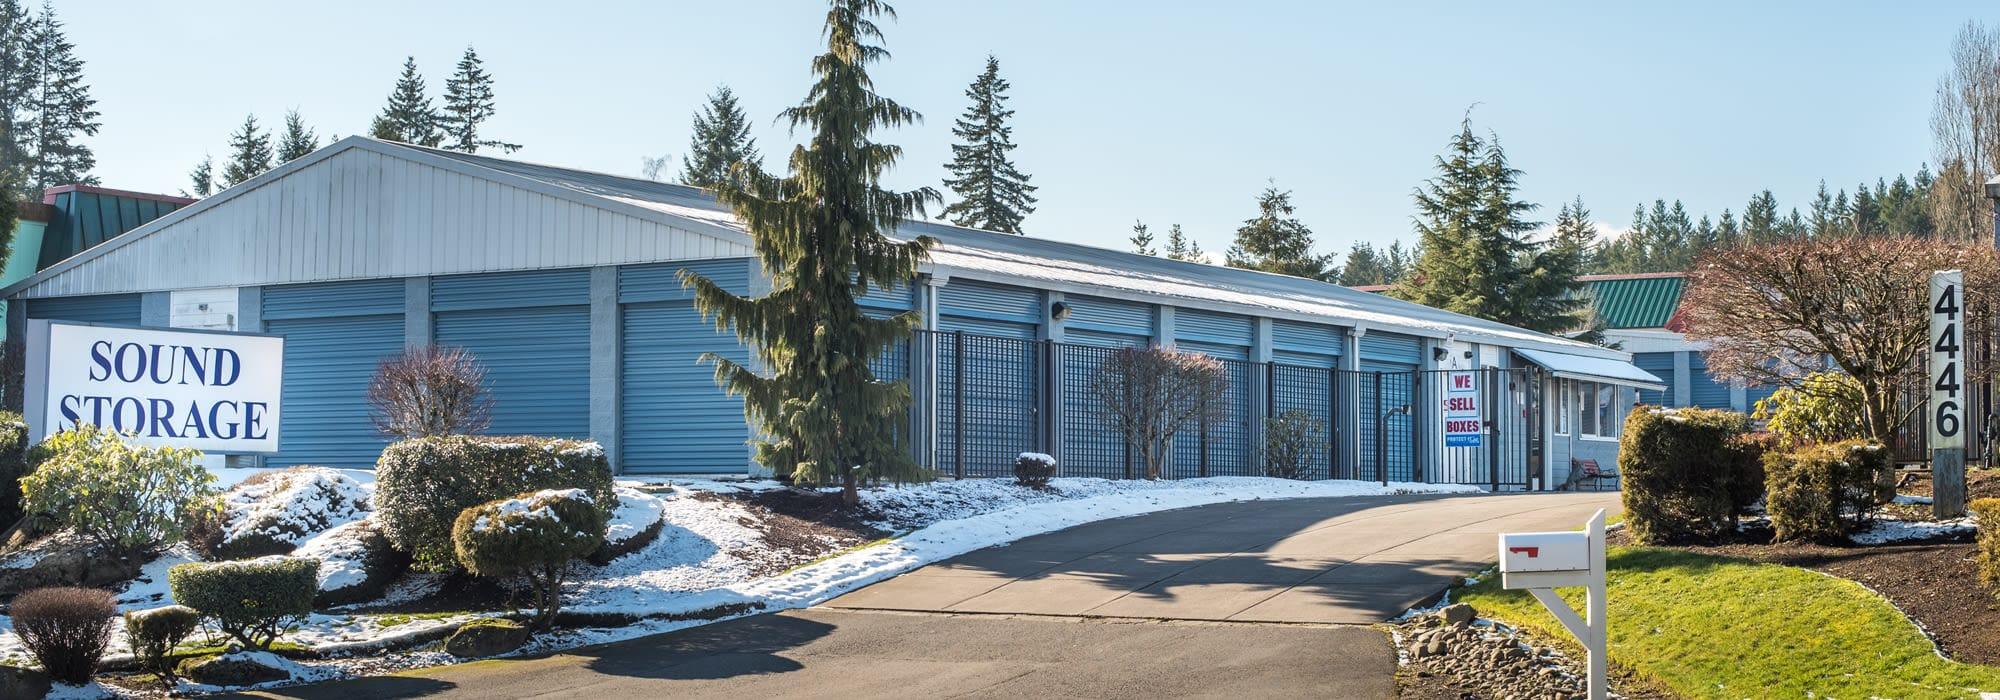 Sound Storage in Port Orchard, Washington